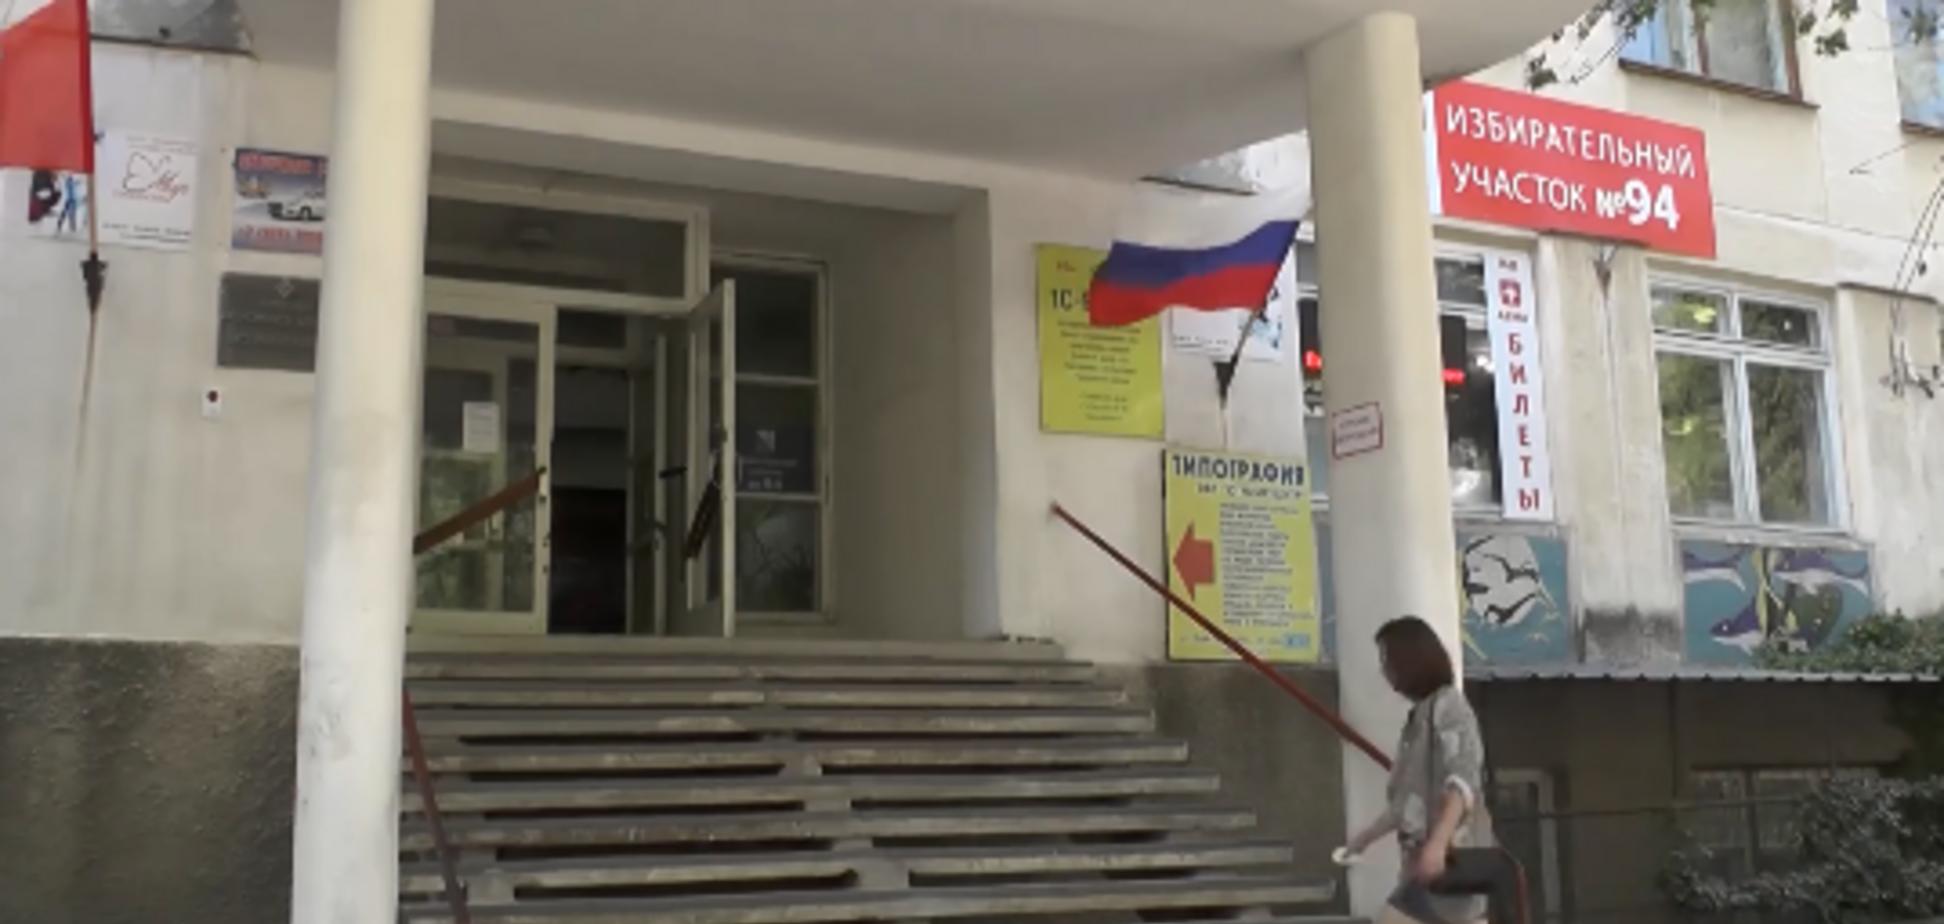 Журналіст вказав на хитрість Кремля на скандальних виборах у Криму